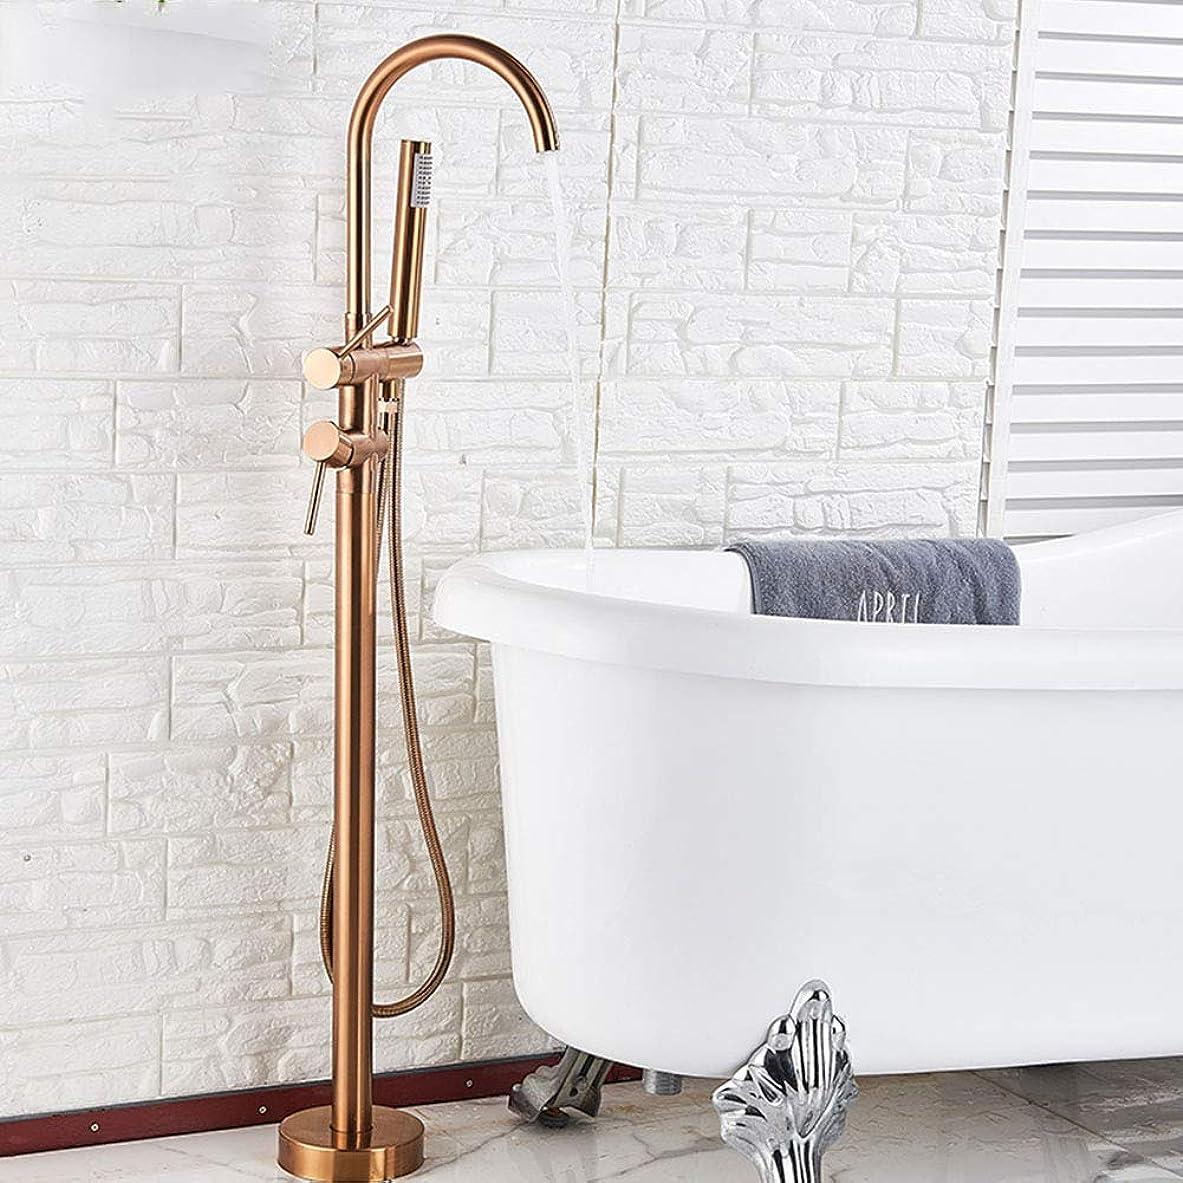 保証金労働玉ねぎ床に取り付けられた浴槽のシャワーの蛇口、ハンドシャワー付きの自立式バスルームのシャワーミキサータップシングルハンドルの浴槽フィラー,Rose gold